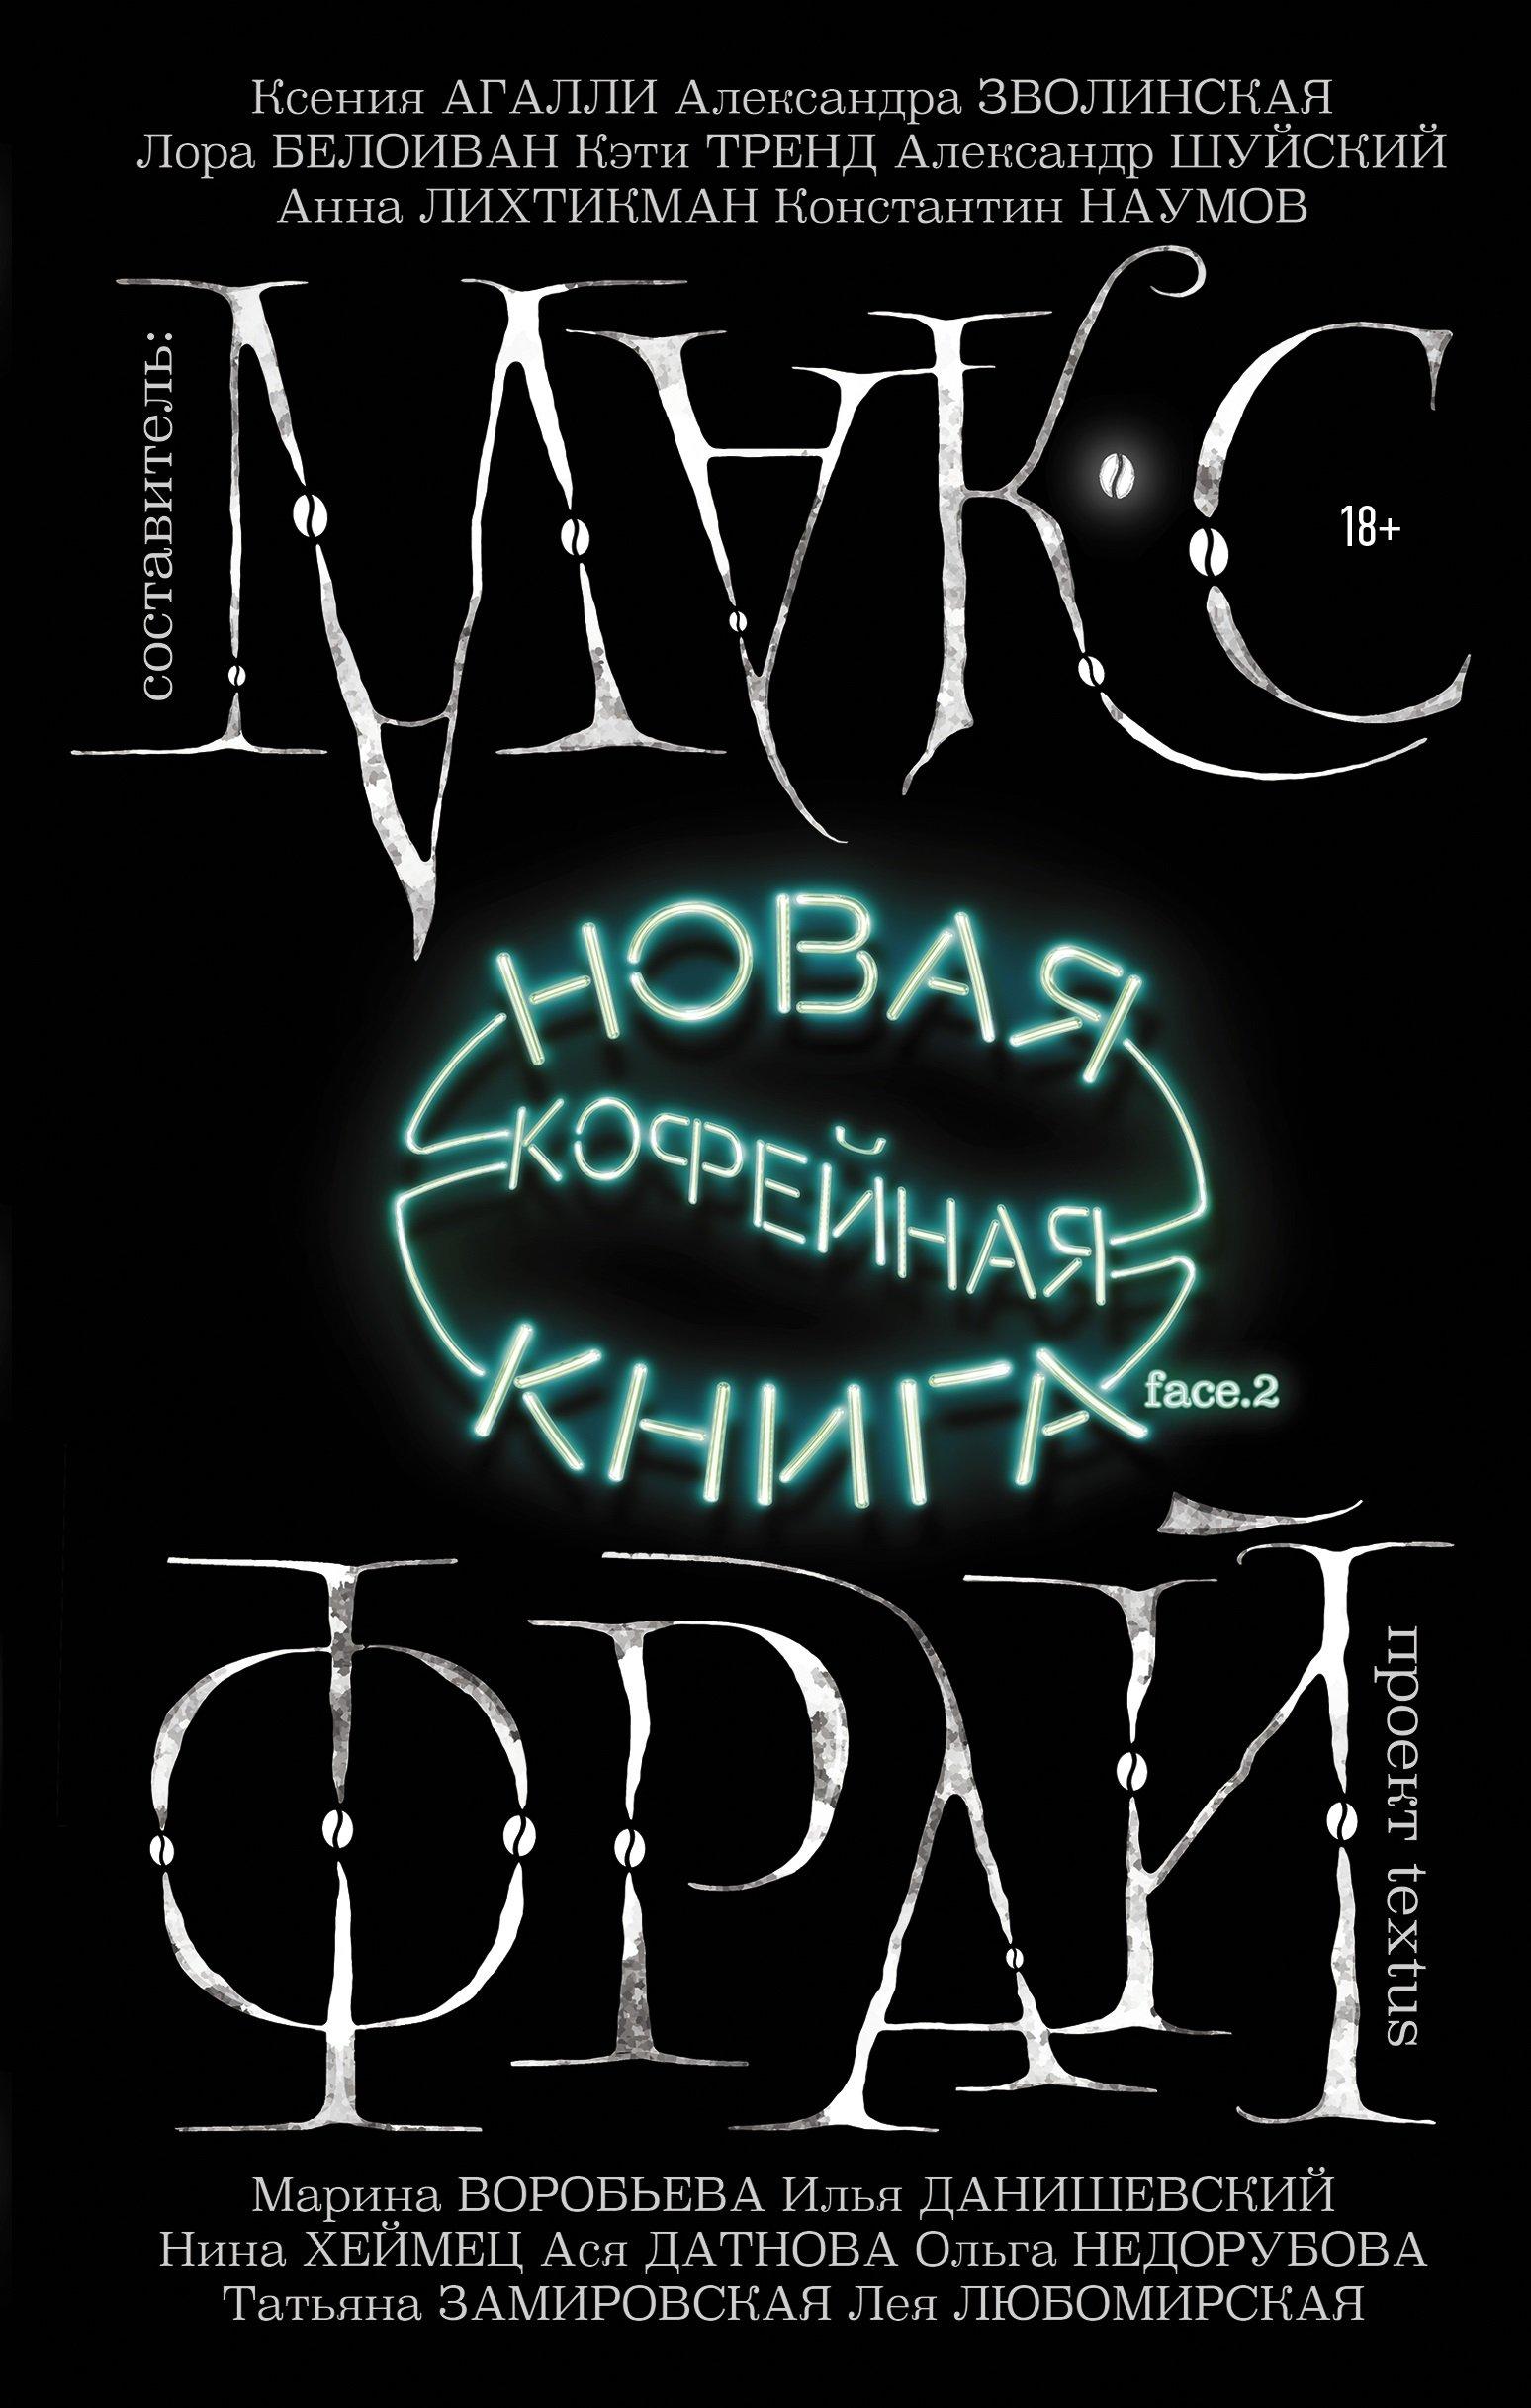 Фрай Макс Новая кофейная книга face.2